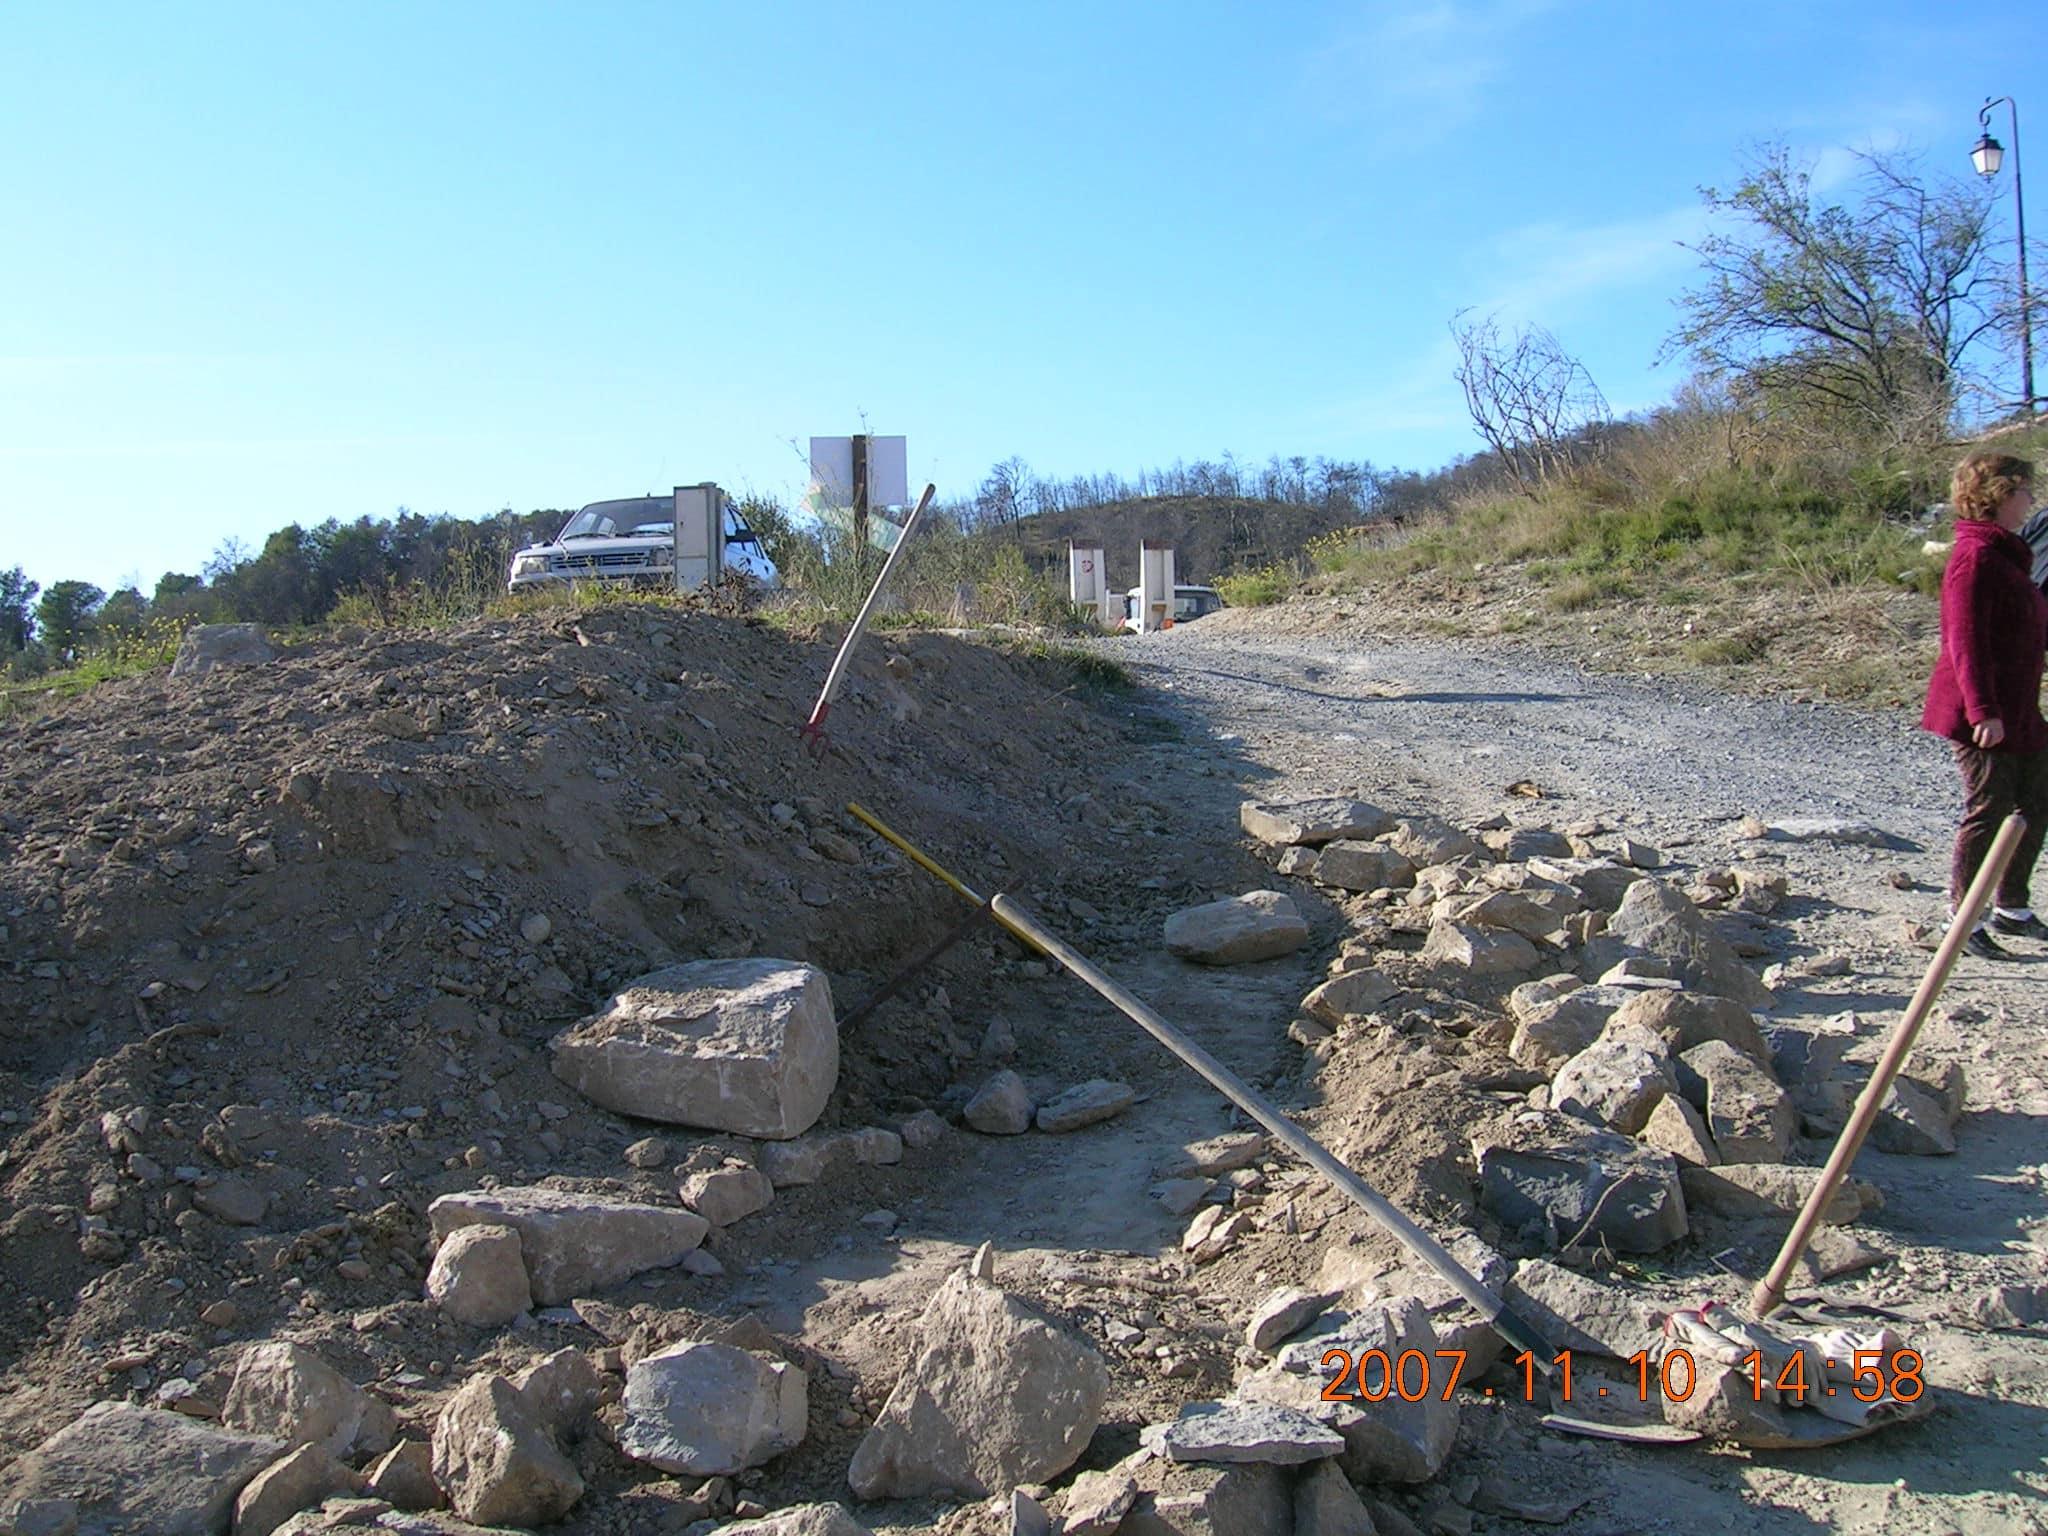 Un talus, des pierres, voici la base. Il n'y a plus qu'à !